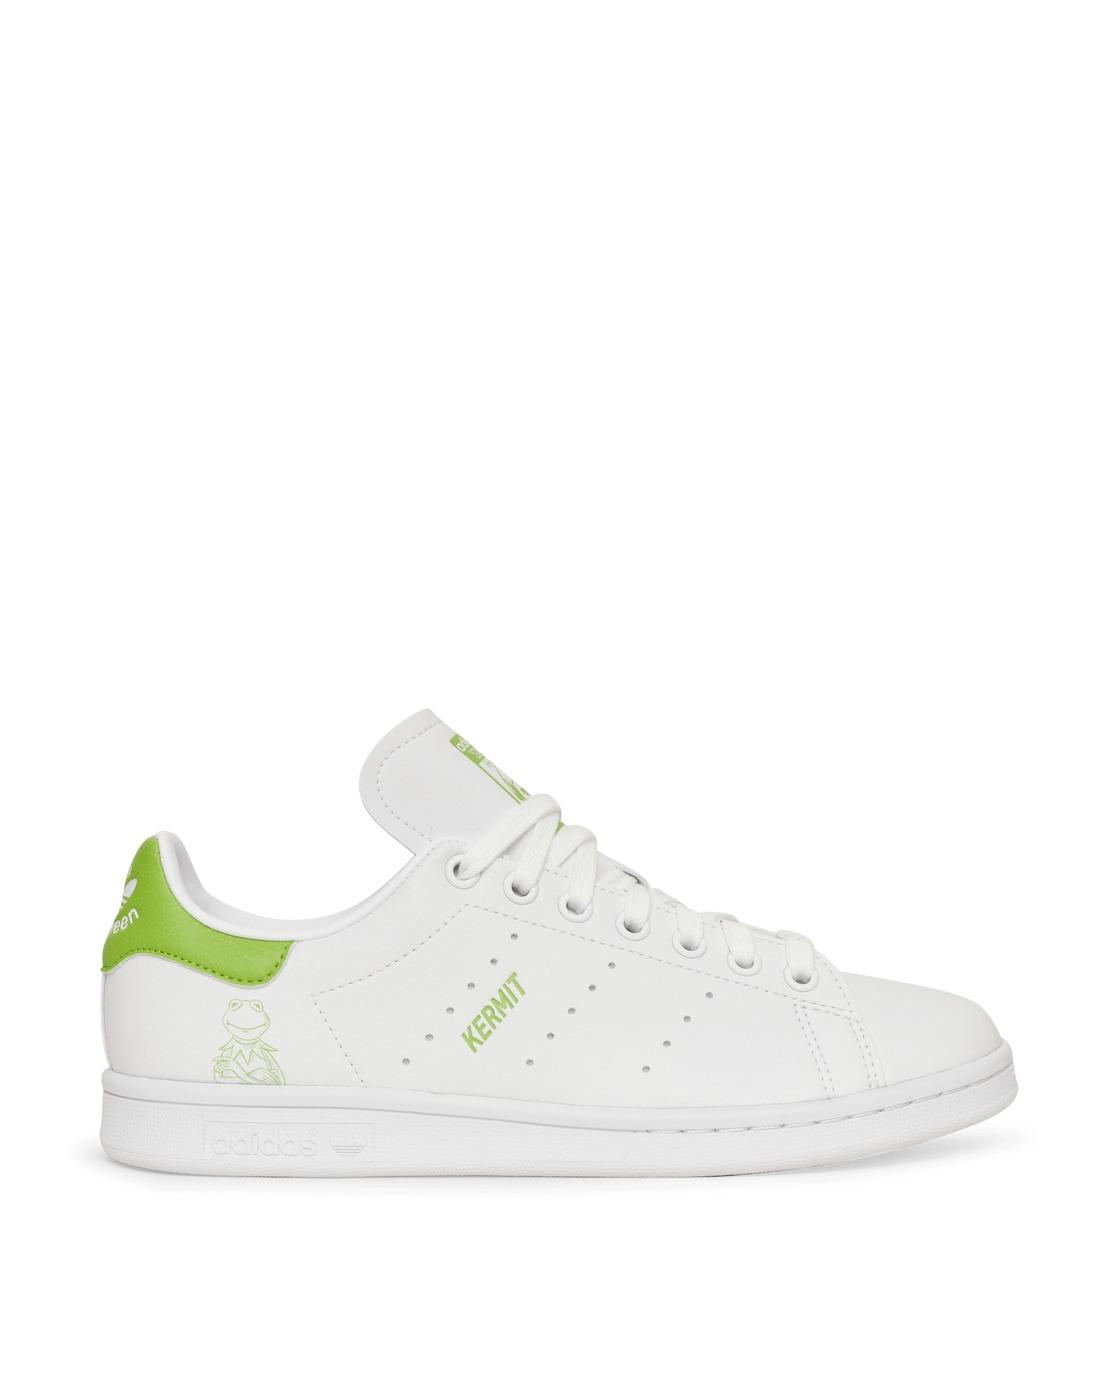 Photo: Adidas Originals Disney Kermit Stan Smith Sneakers Ftwr White/Pantone